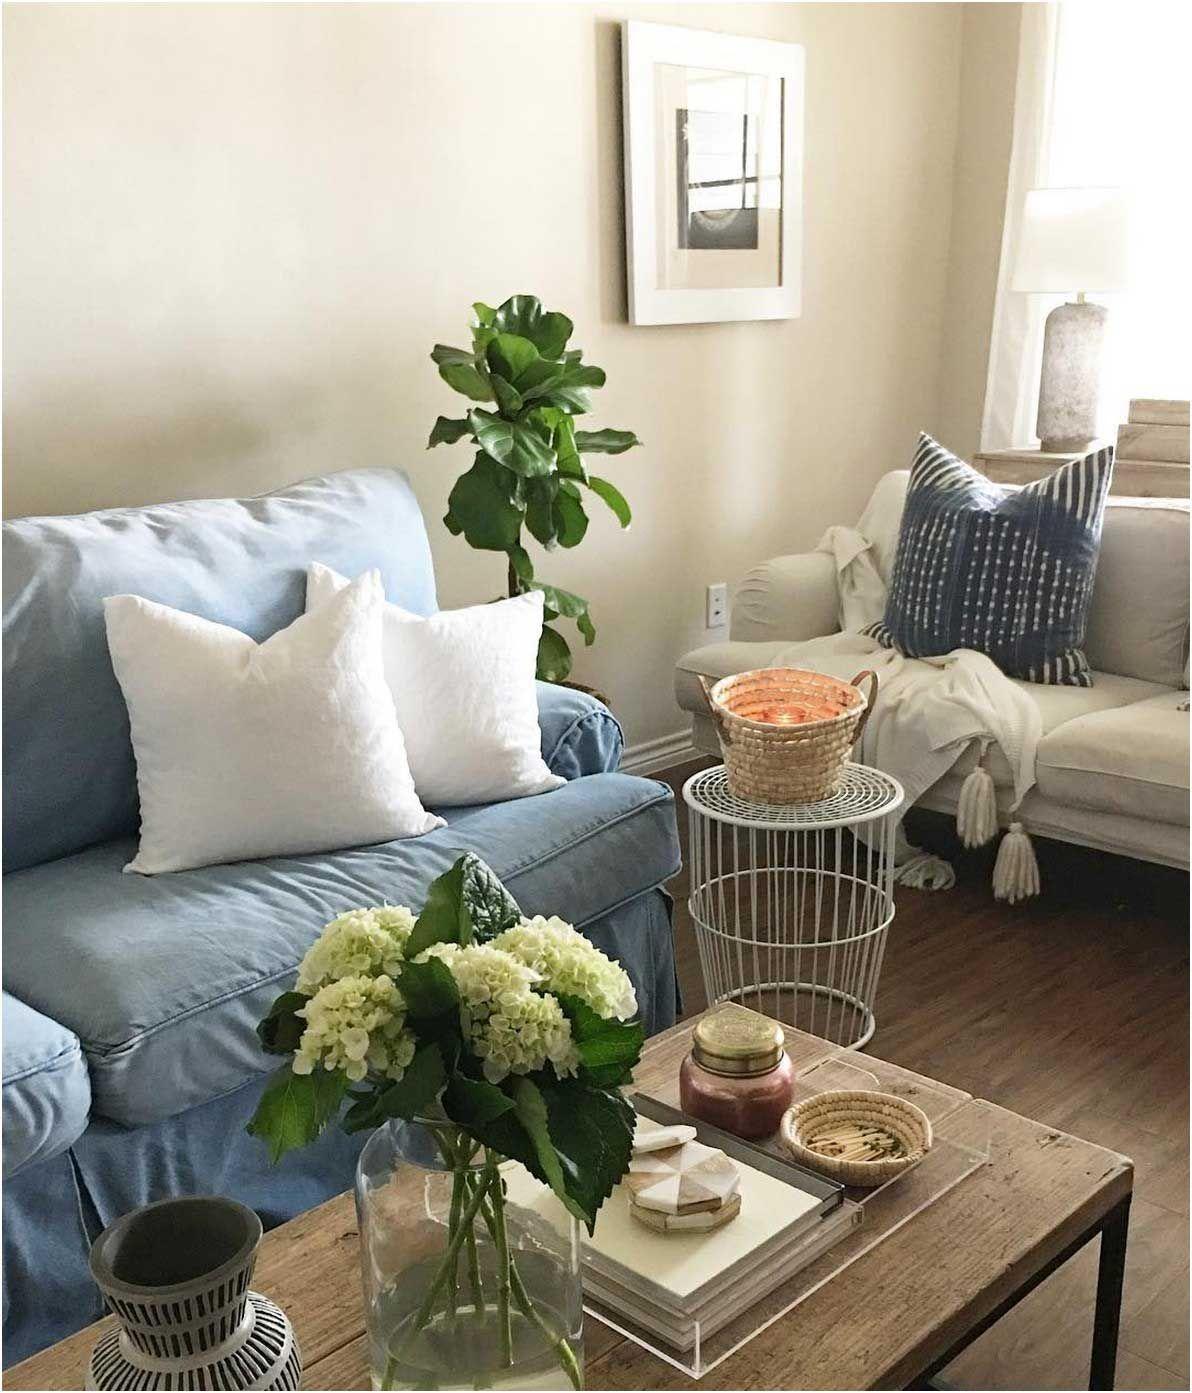 Ansprechend Wohnzimmer Gemütlich Referenz Von Kleine Gemütlich Einrichten